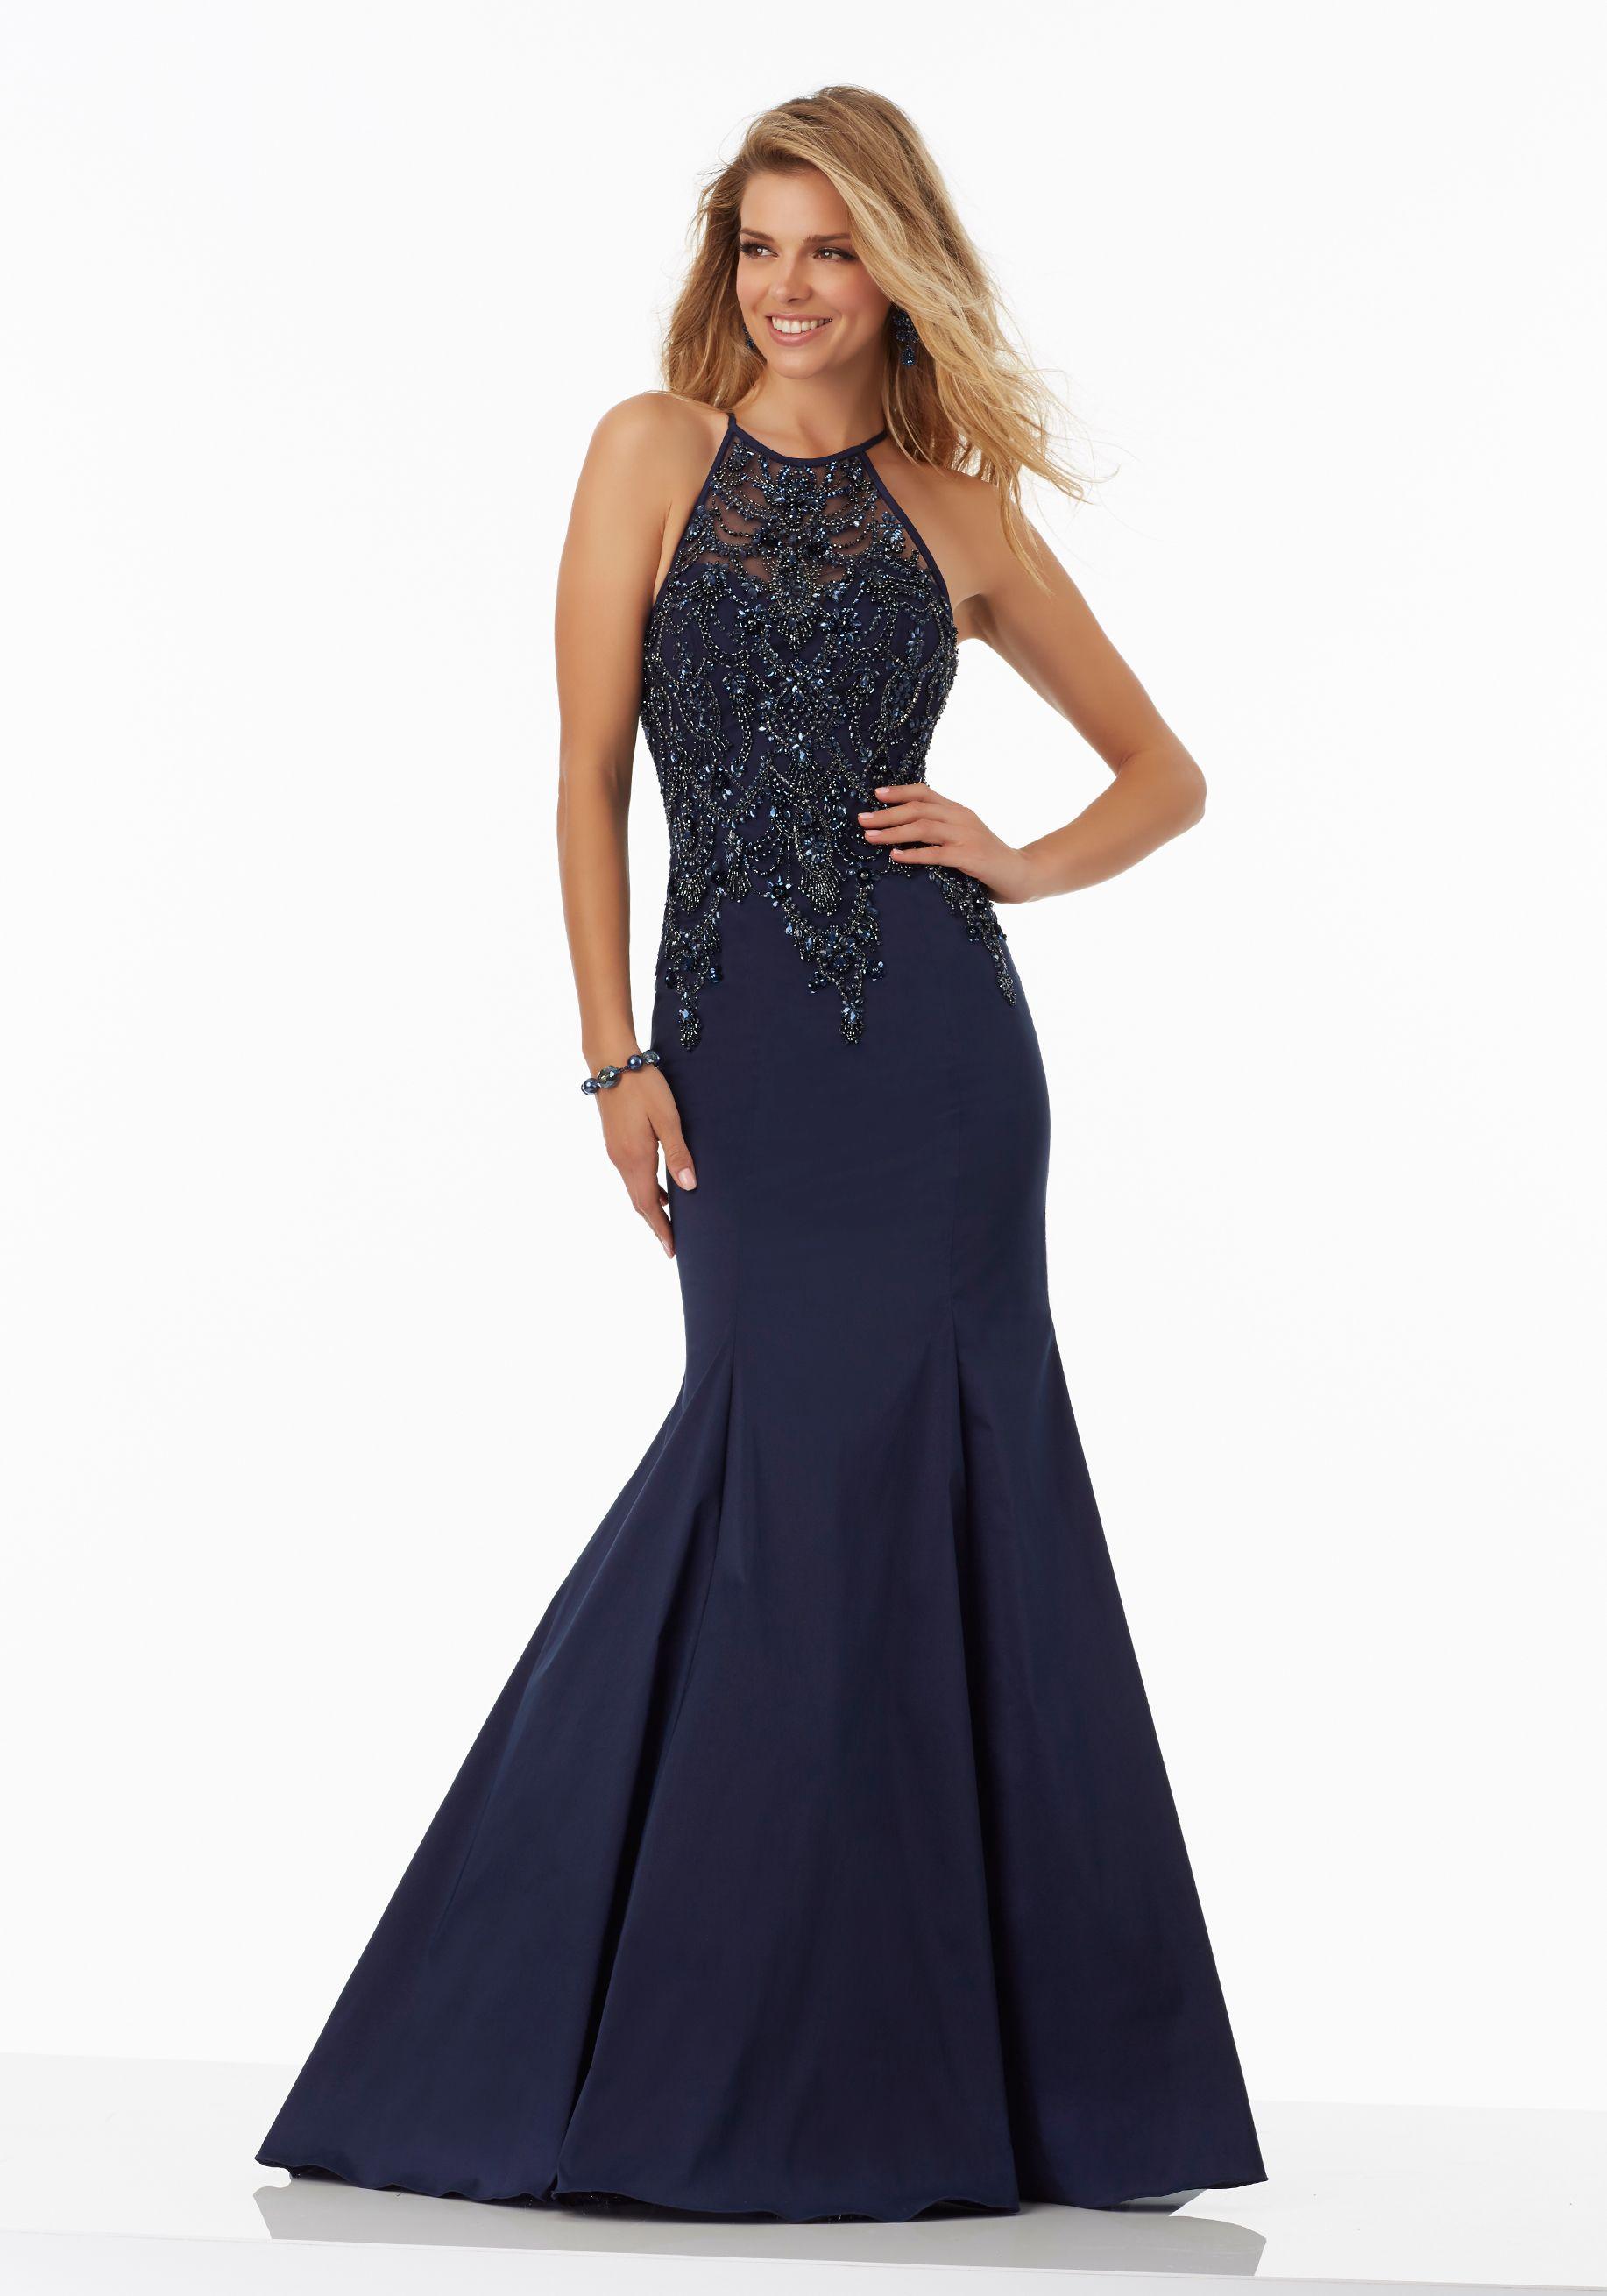 Black taffeta prom dress